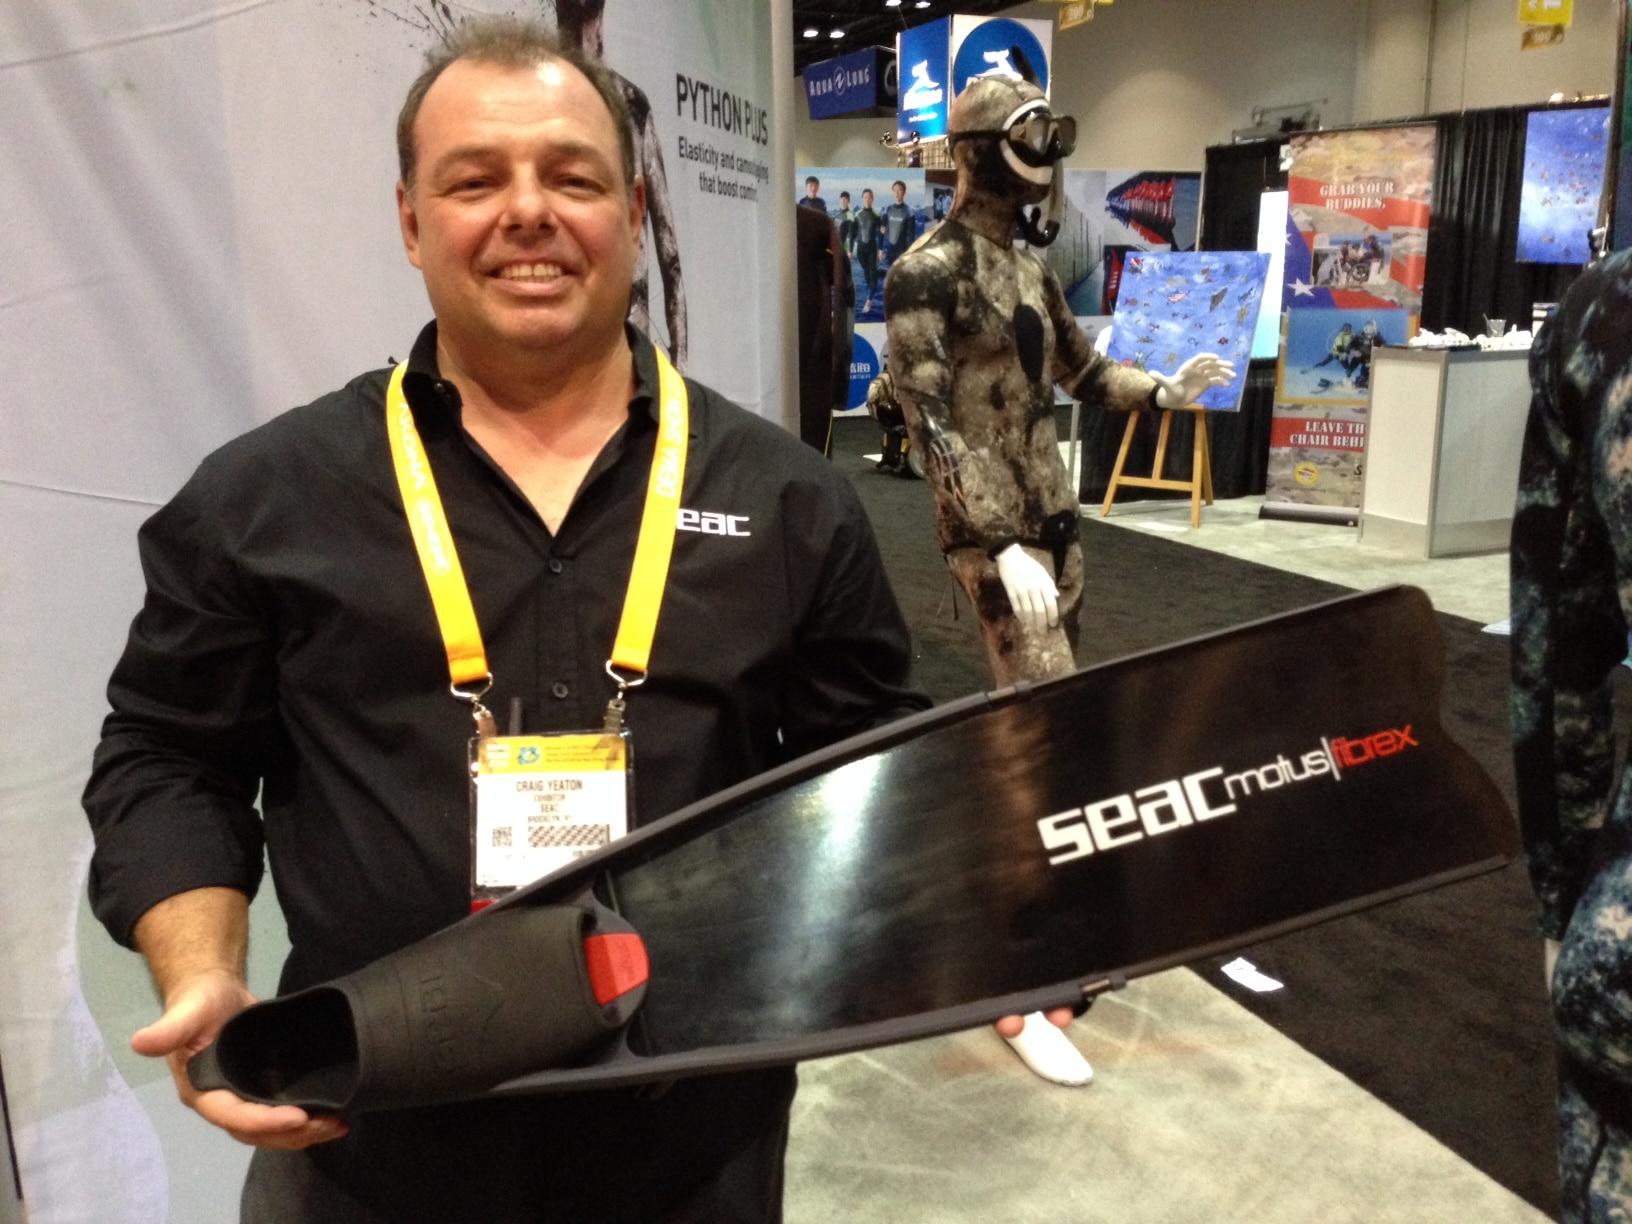 SEAC Introduces New Motus Fibrex Freediving Fin, L70 Mask